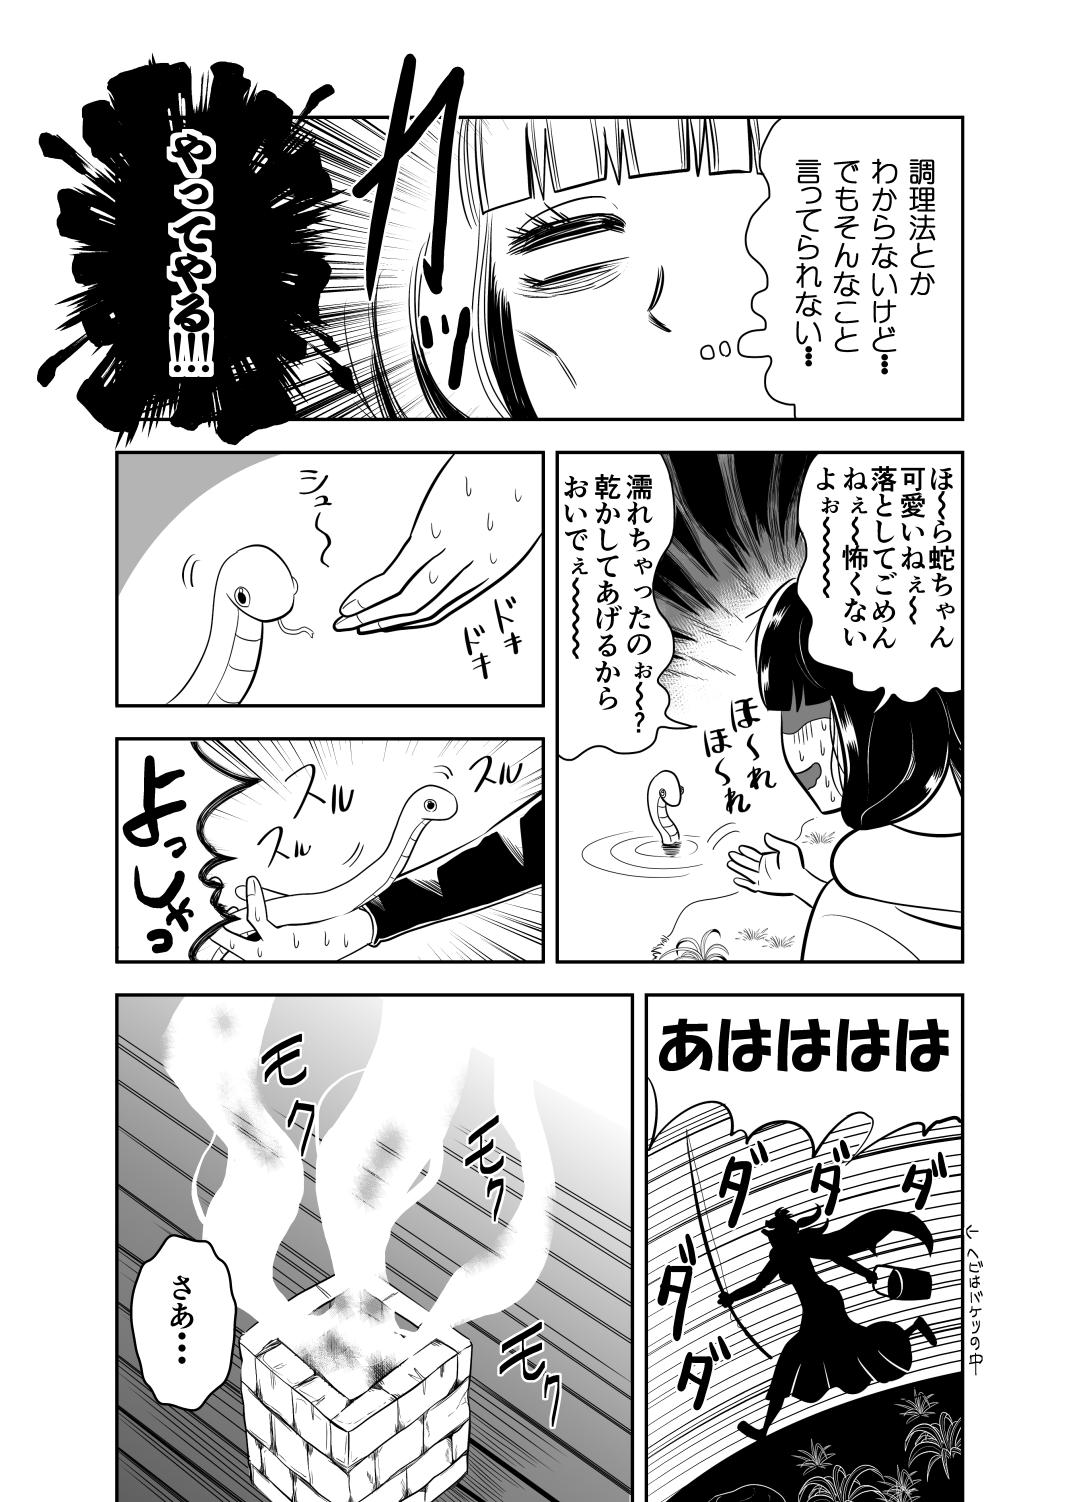 ヤサグレ魔女3ヤサグレ魔女と蛇少年と宝石男0039